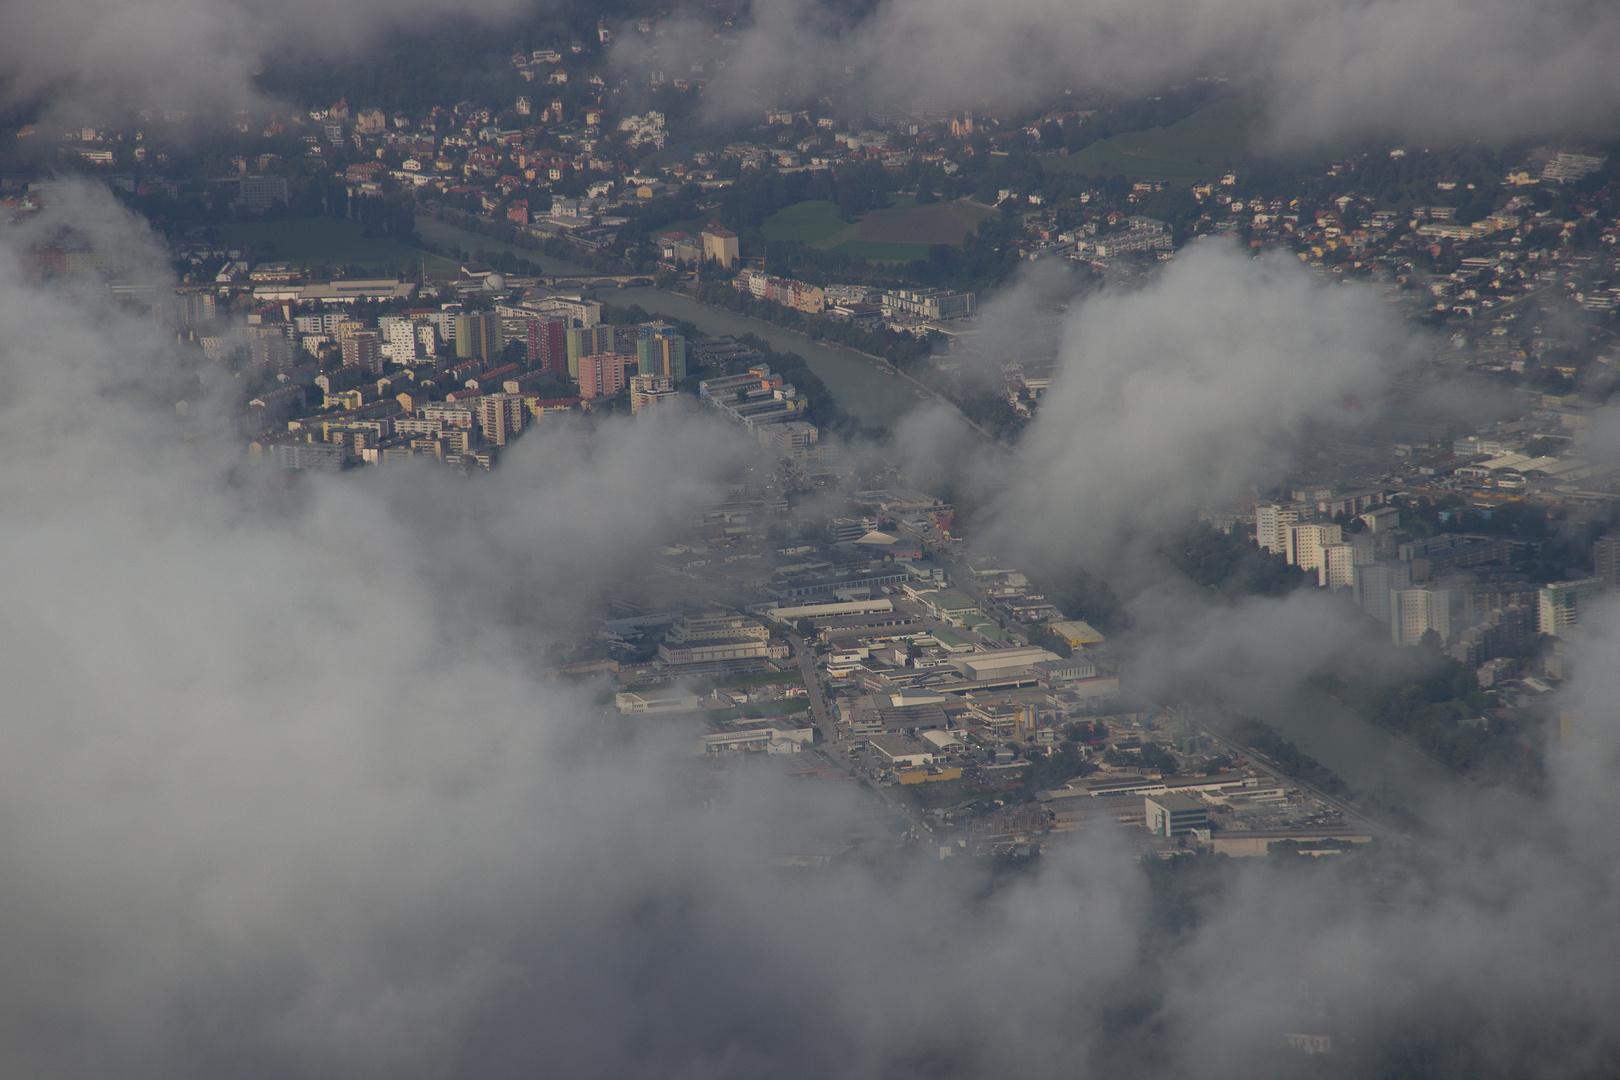 Stadt in Wolken